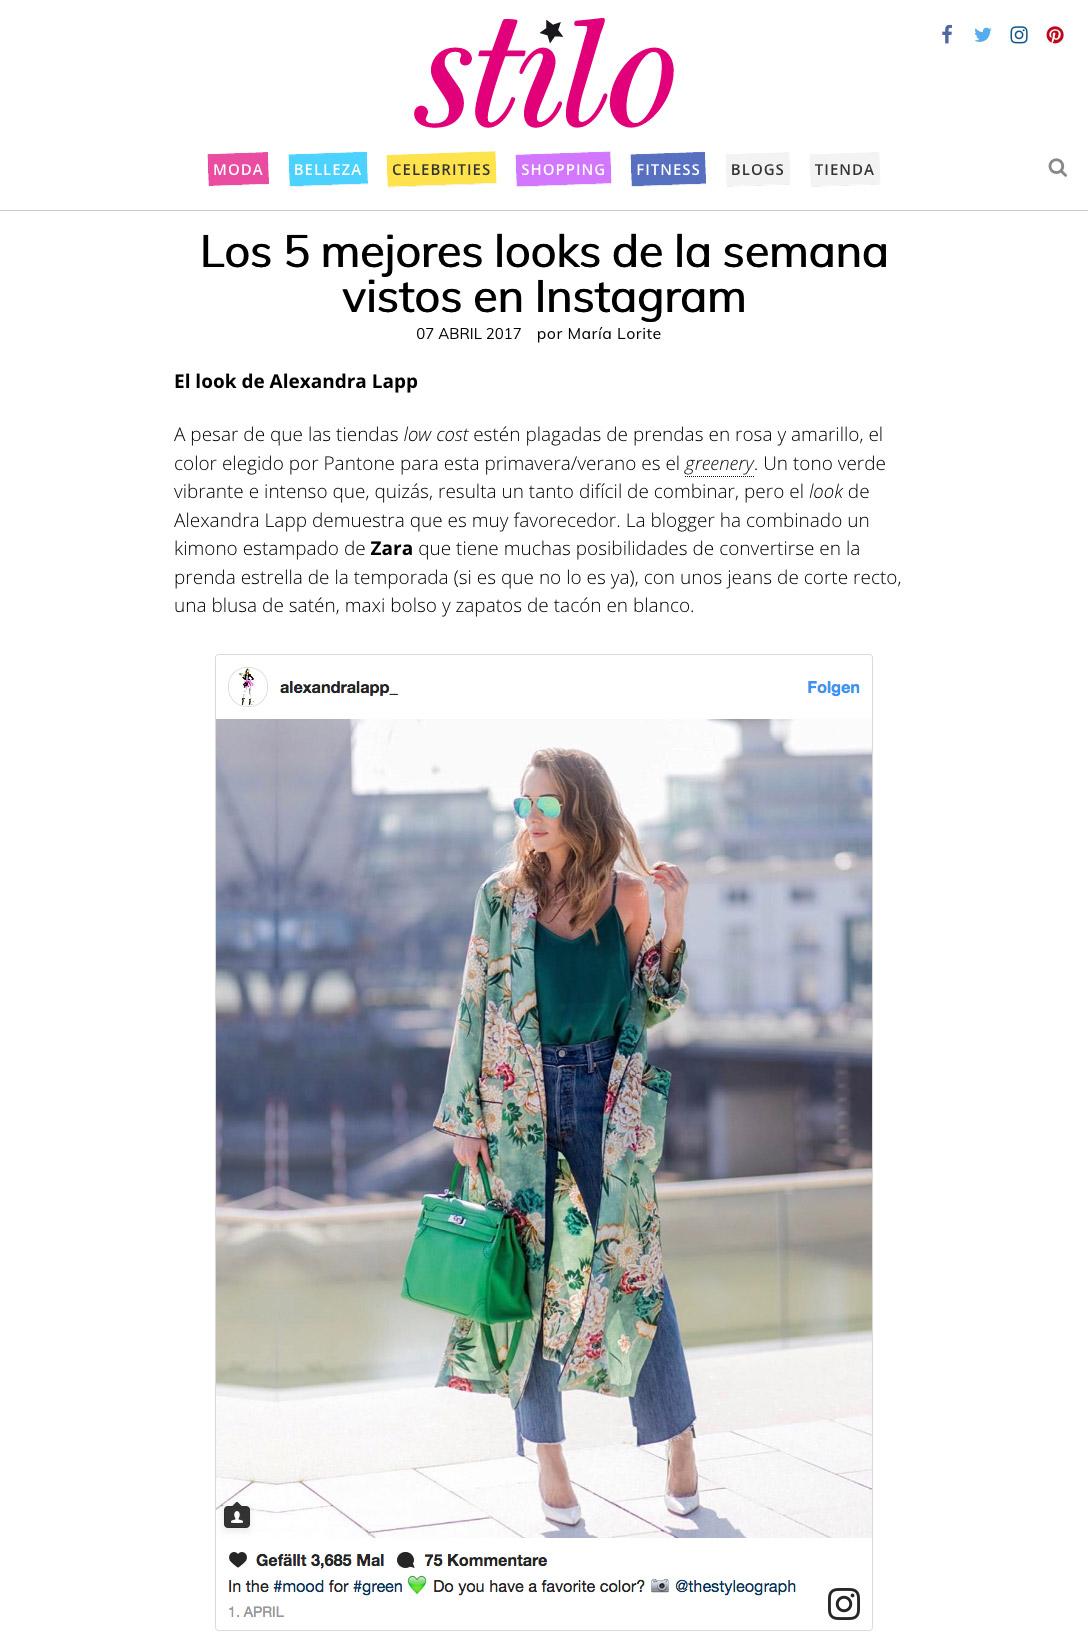 Los 5 mejores looks de la semana vistos en Instagram - STILO ES - 2017 04 - Alexandra Lapp - found on http://www.stilo.es/moda/los-5-mejores-looks-de-la-semana-vistos-en-instagram4